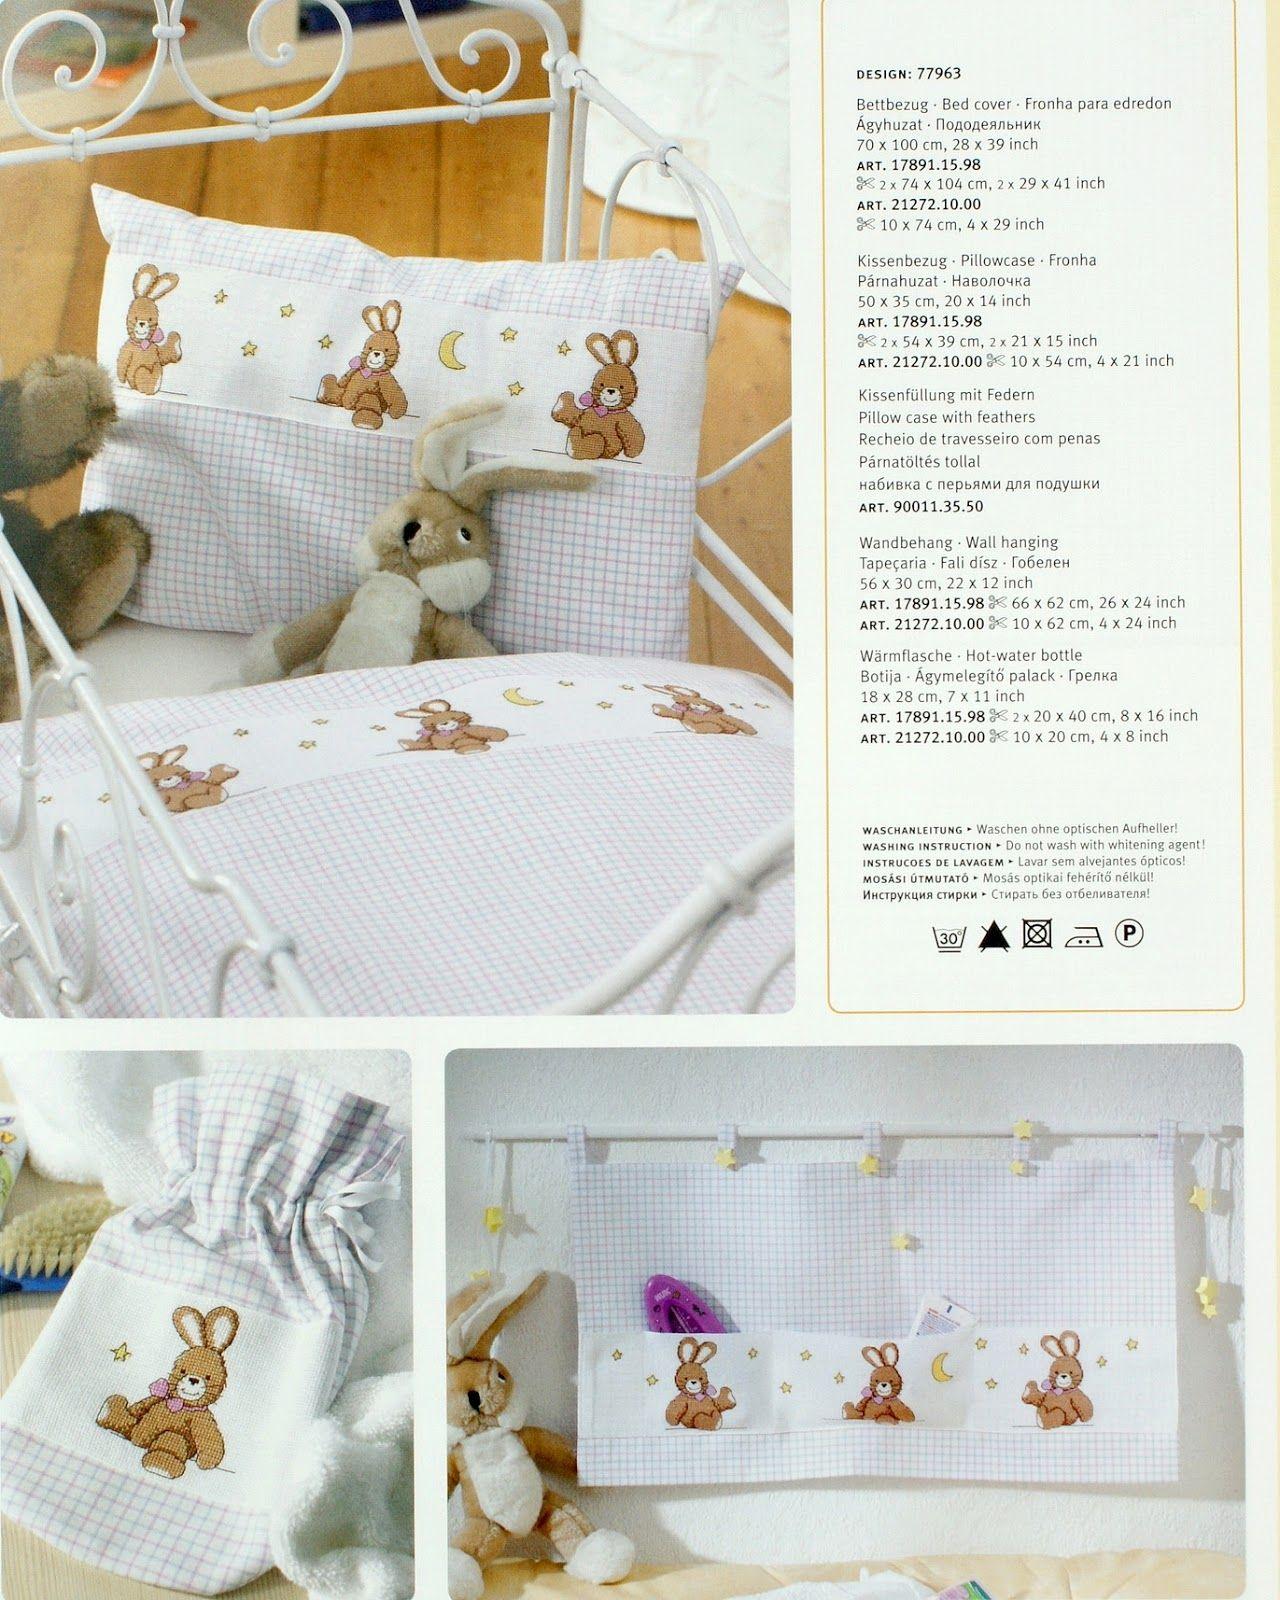 Punto croce schemi gratis e tutorial schema per corredino neonato con i coniglietti - Disegni punto croce per tovaglie da tavola ...